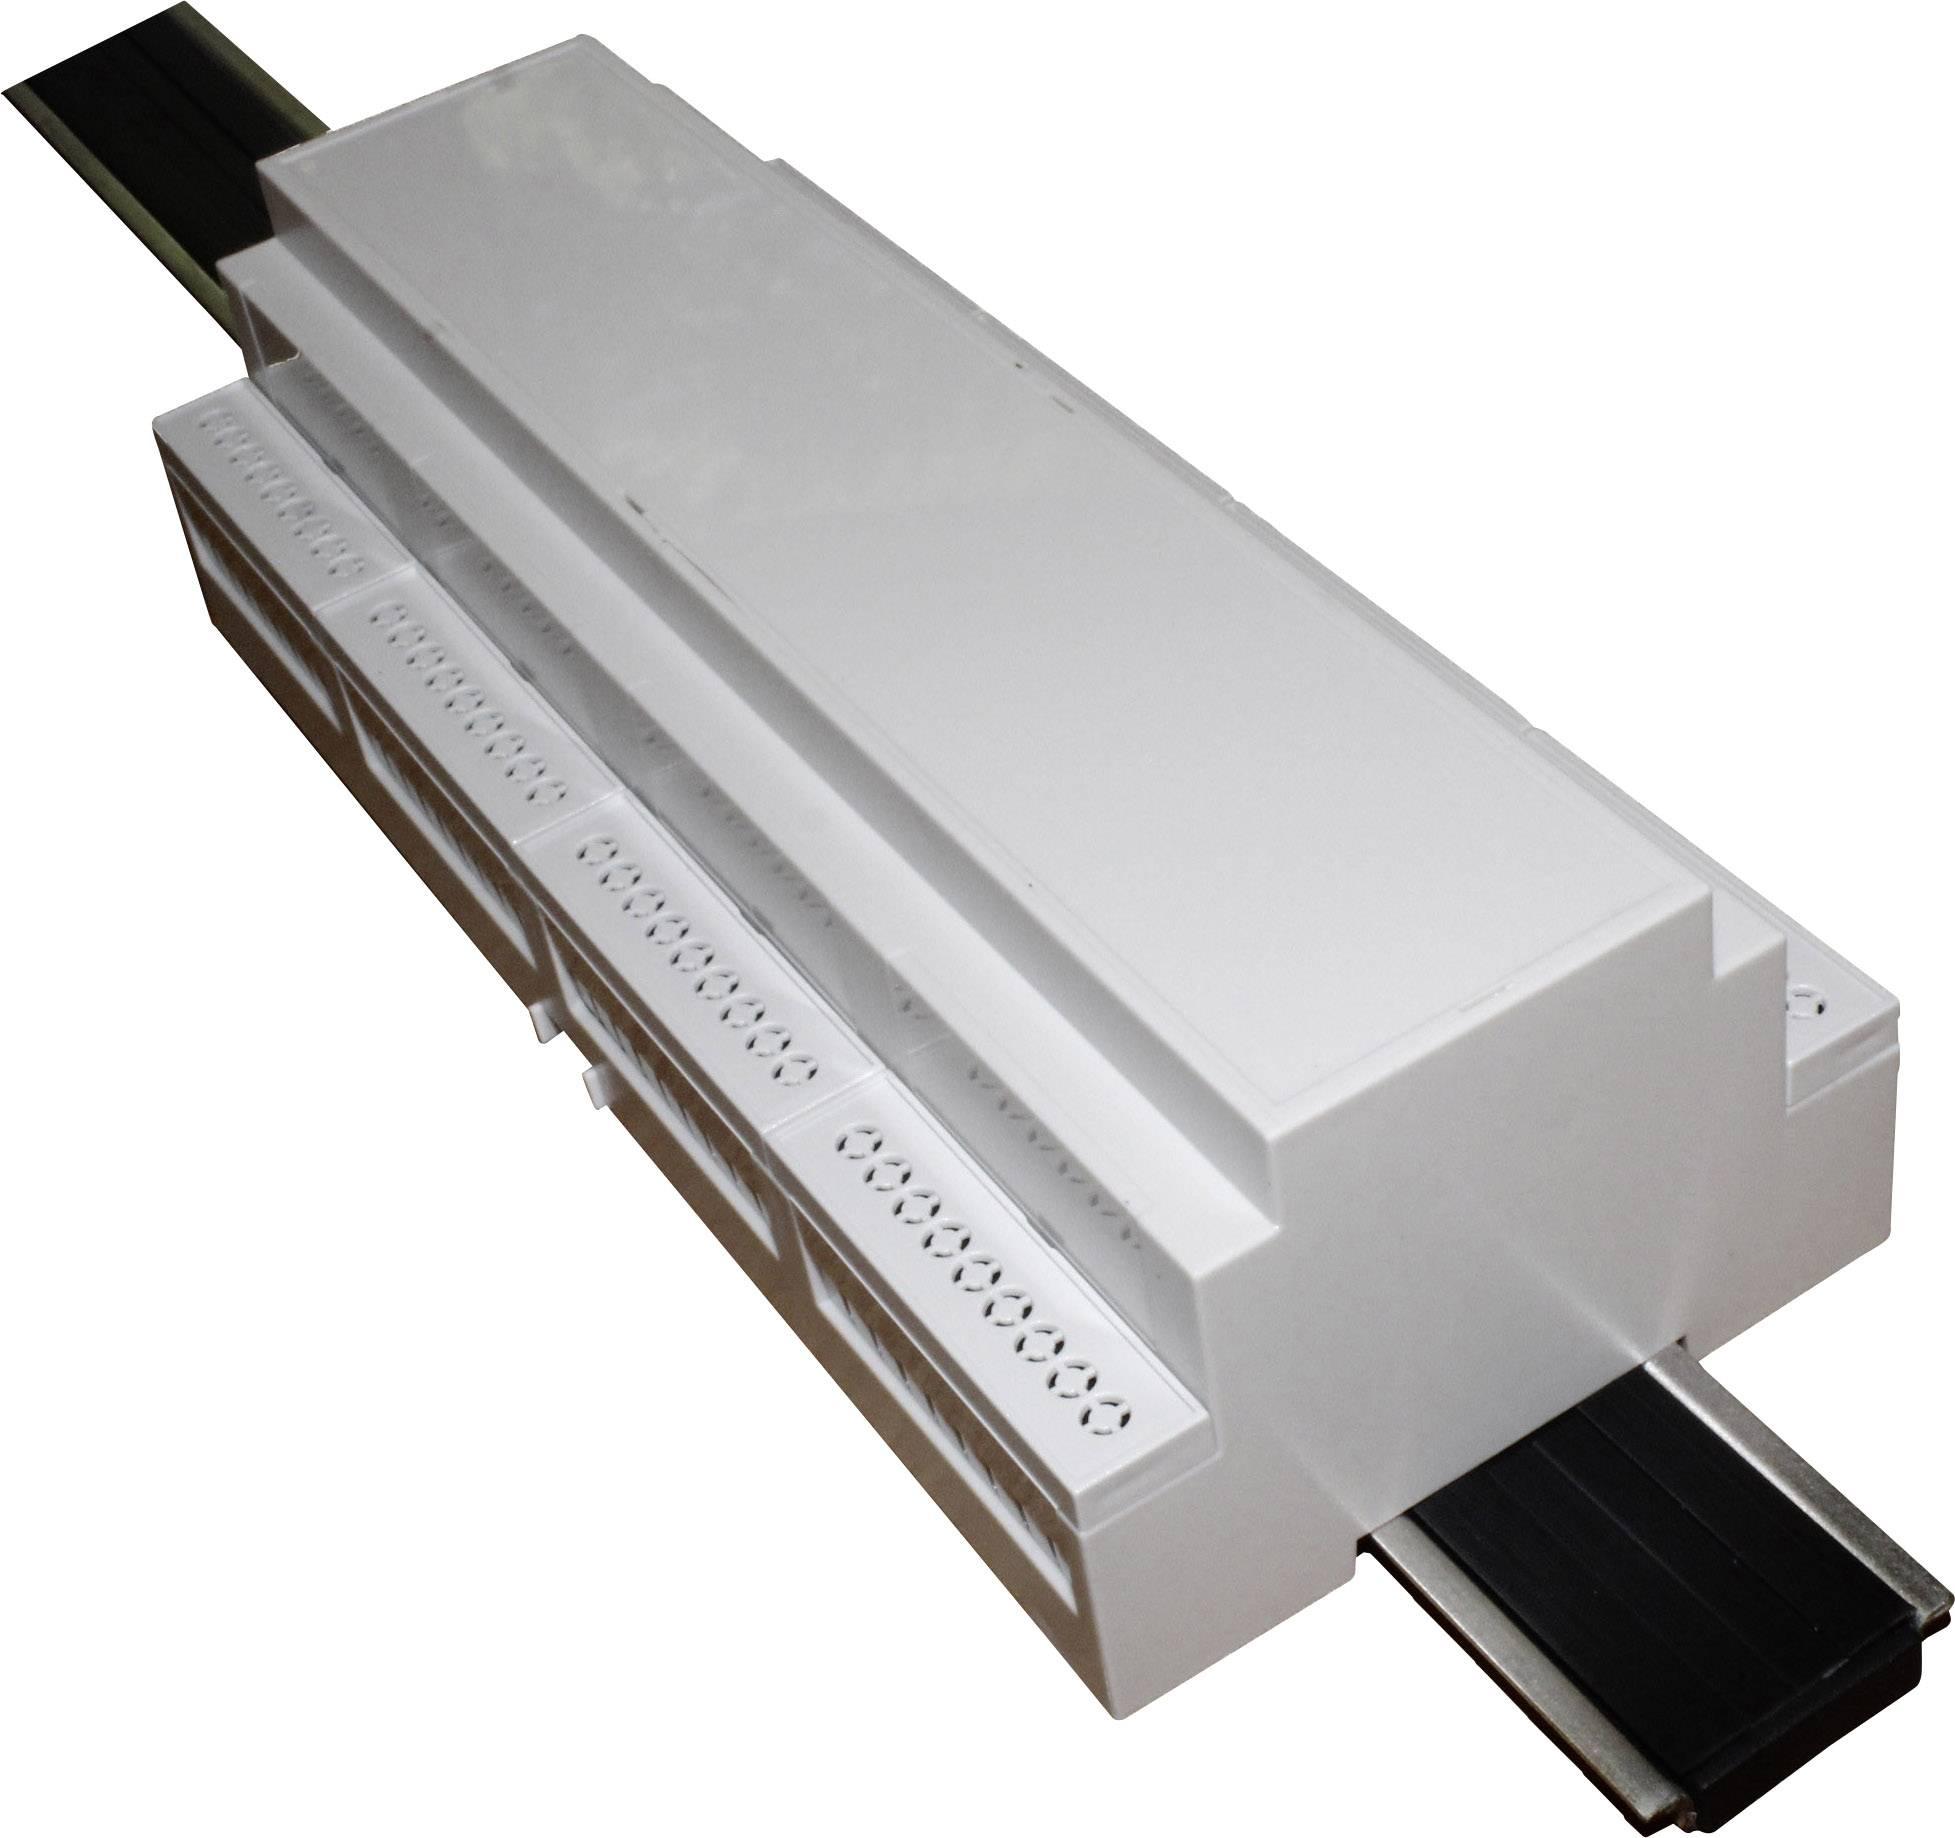 Pouzdro na DIN lištu Axxatronic CNMB/12/KIT/ACTIVE25-CON 58 x 212 x 90 , polykarbonát, šedá, 1 ks